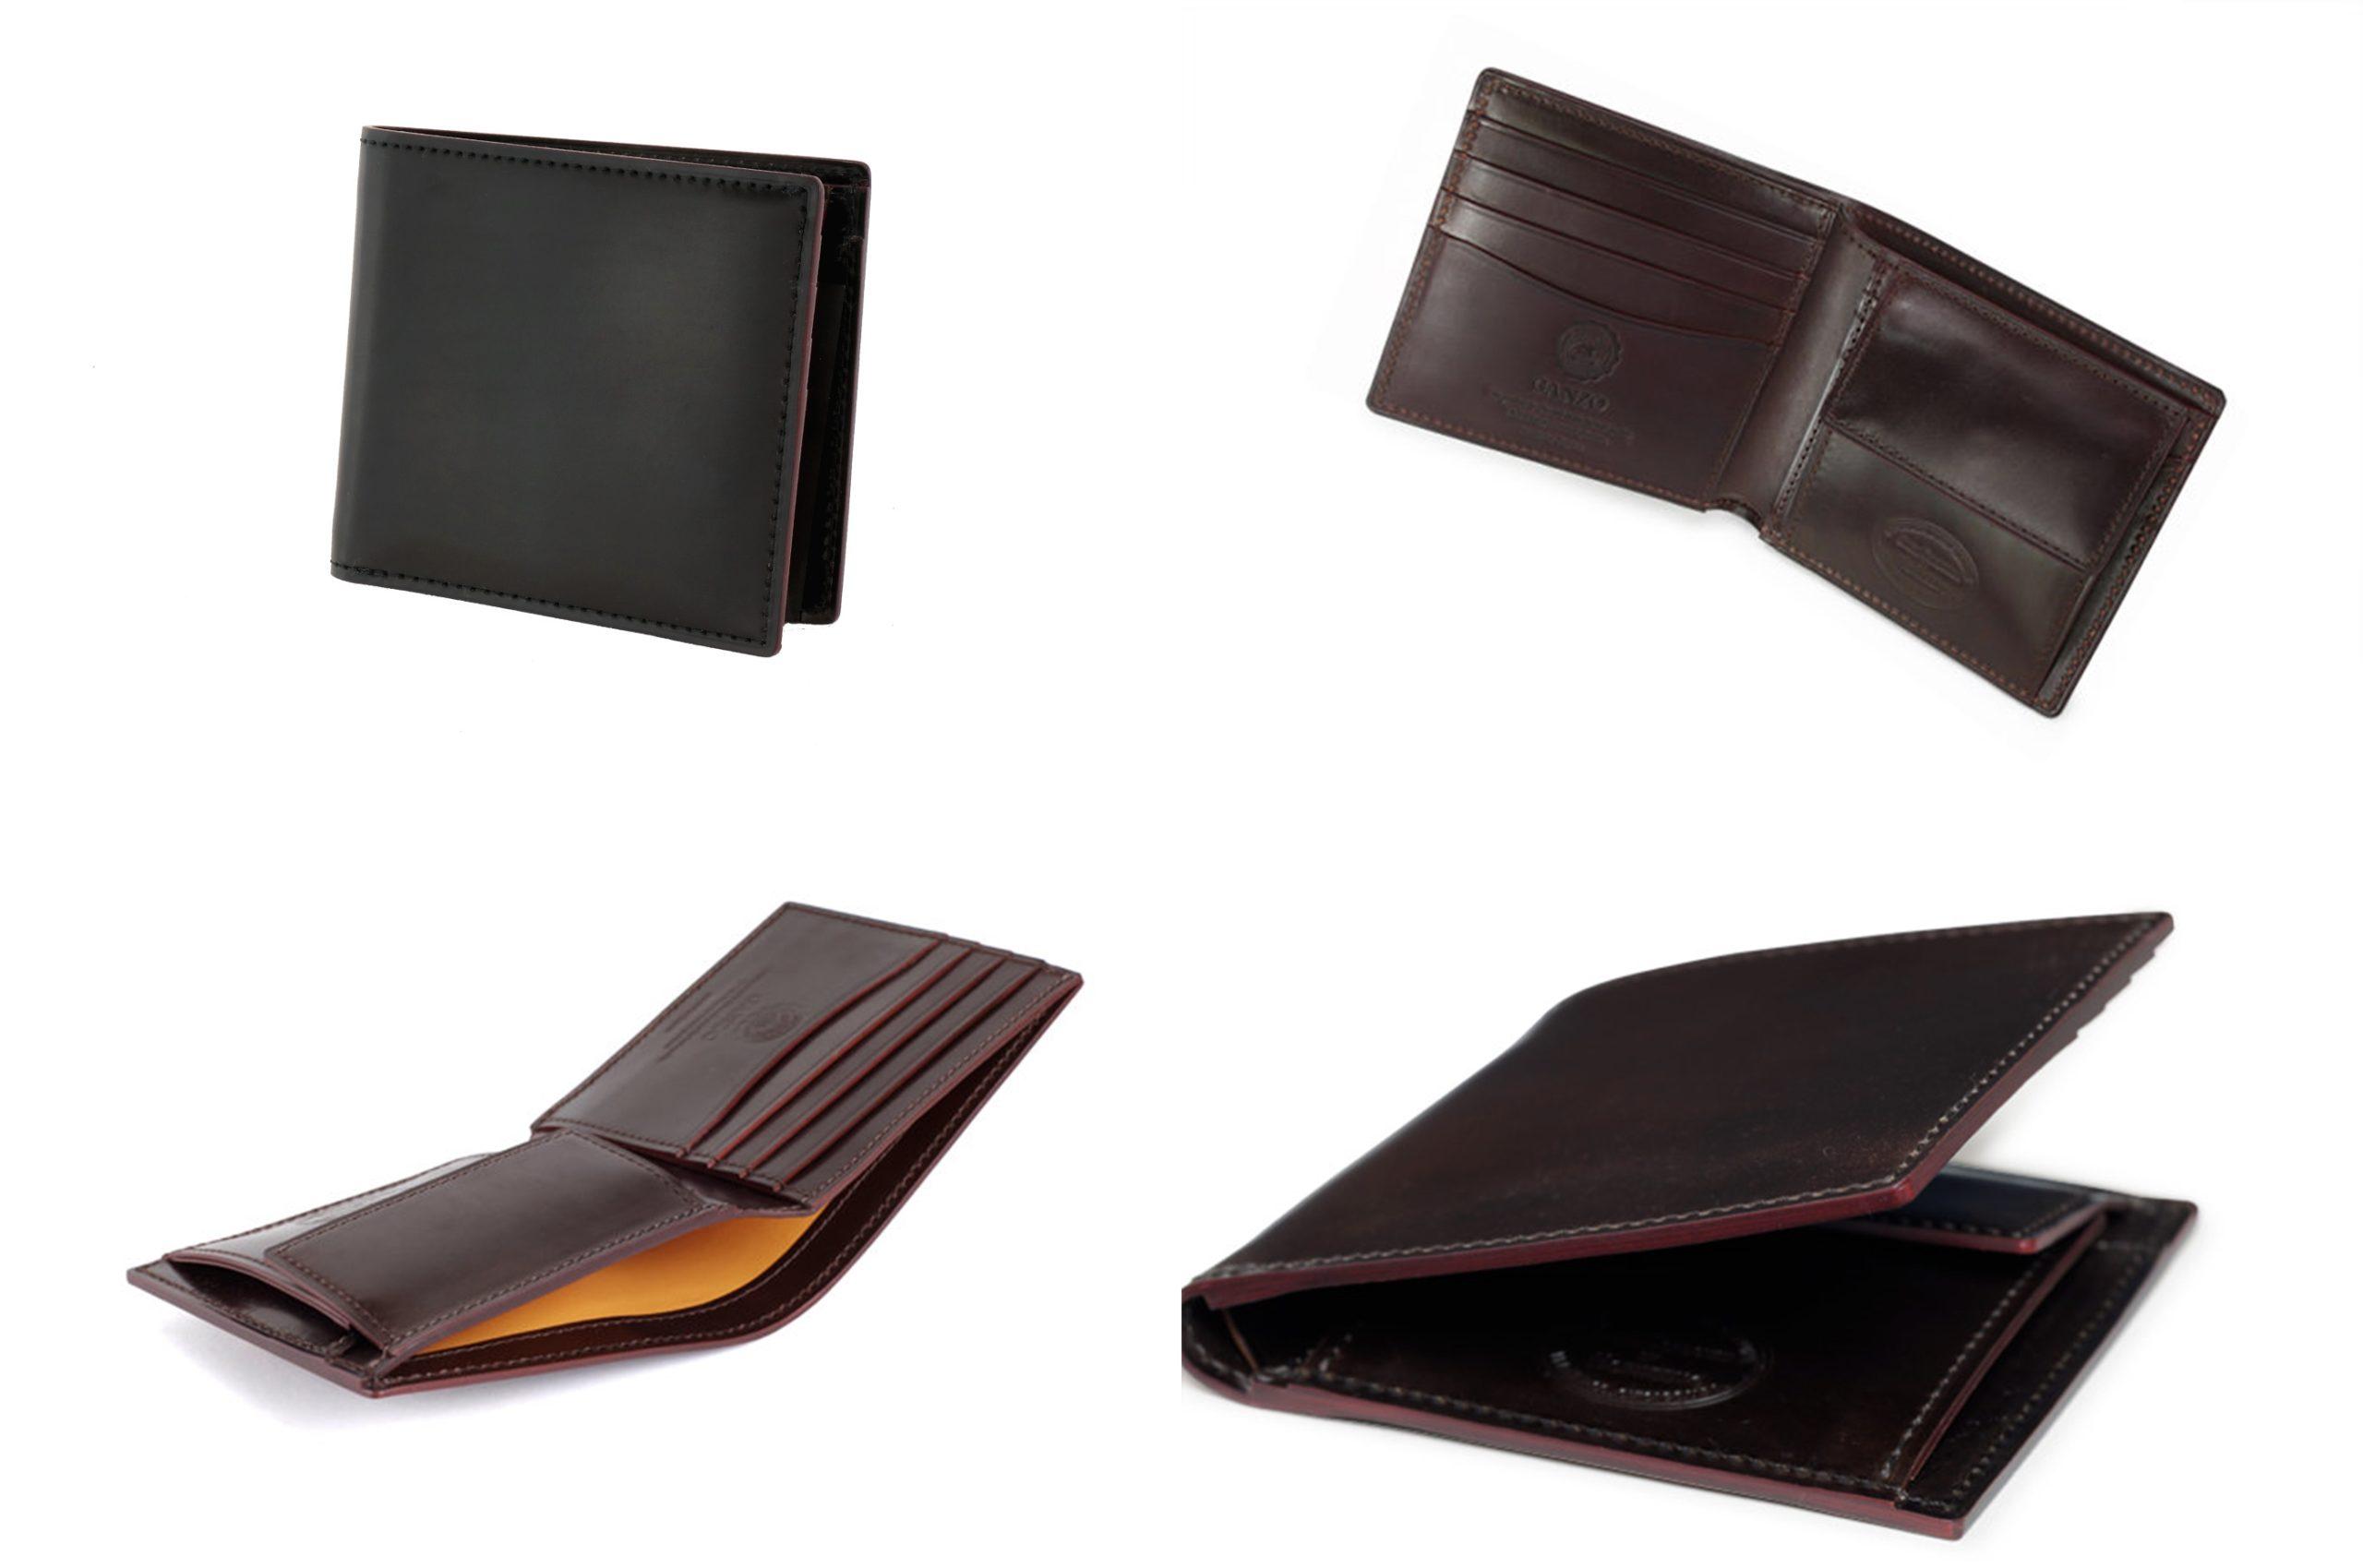 GANZO ガンゾ SHELL CORDOVAN 2(シェルコードバン2) 小銭入れ付き二つ折り財布 デザイン